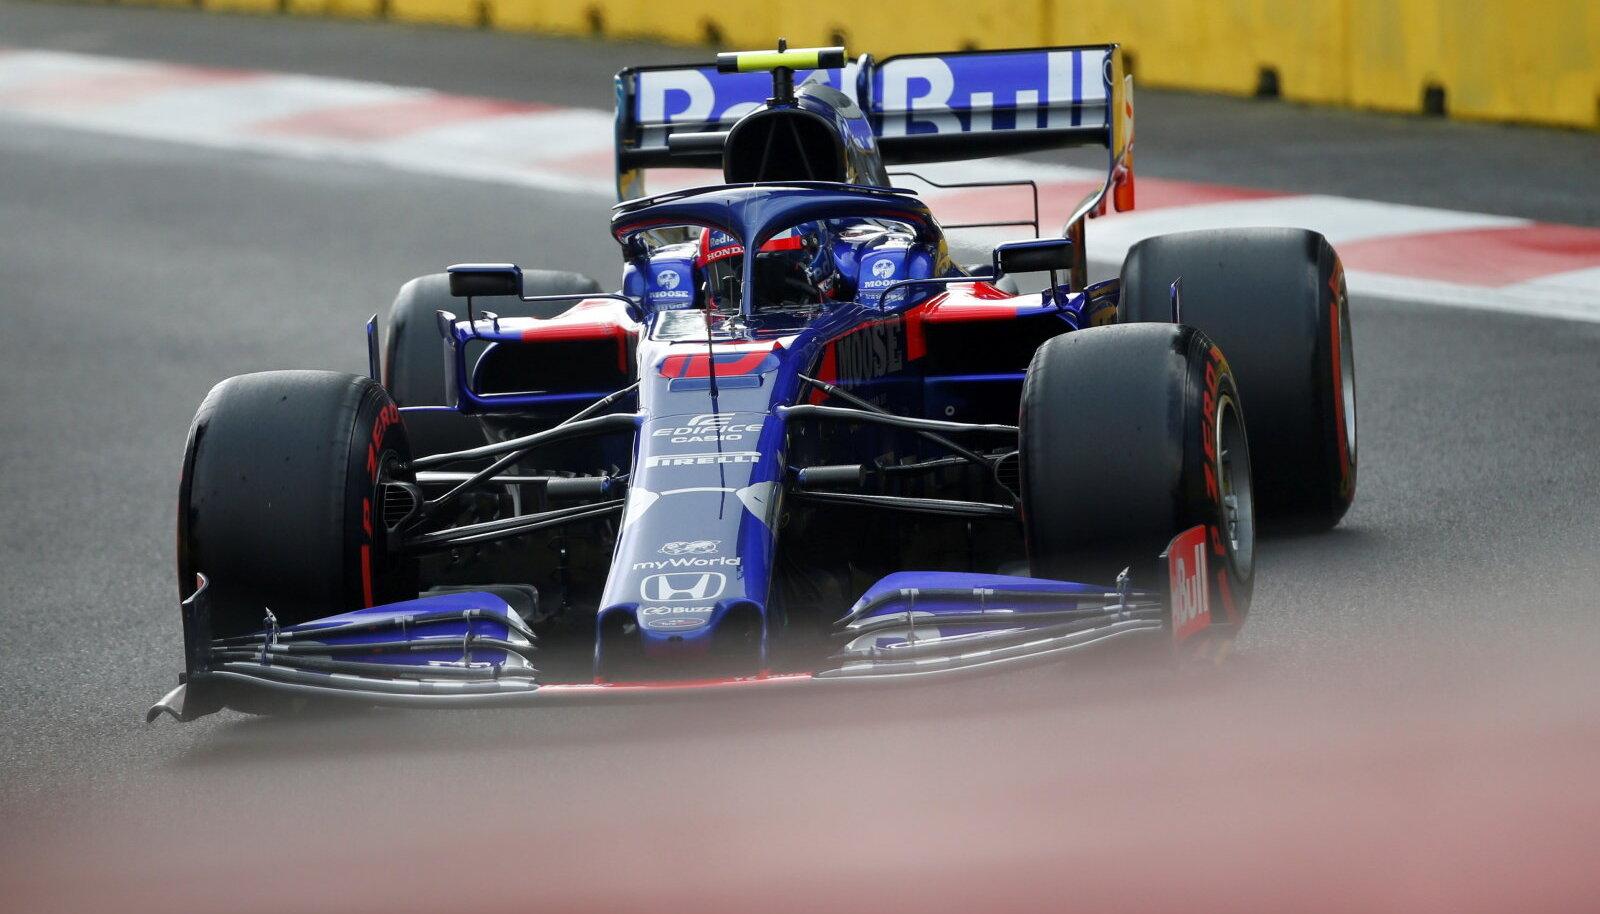 Toro Rosso on üks kahest tiimist, kes lisaks põhisõitjatele ka kolmandale mehele vabatreeningul võimaluse on andnud.